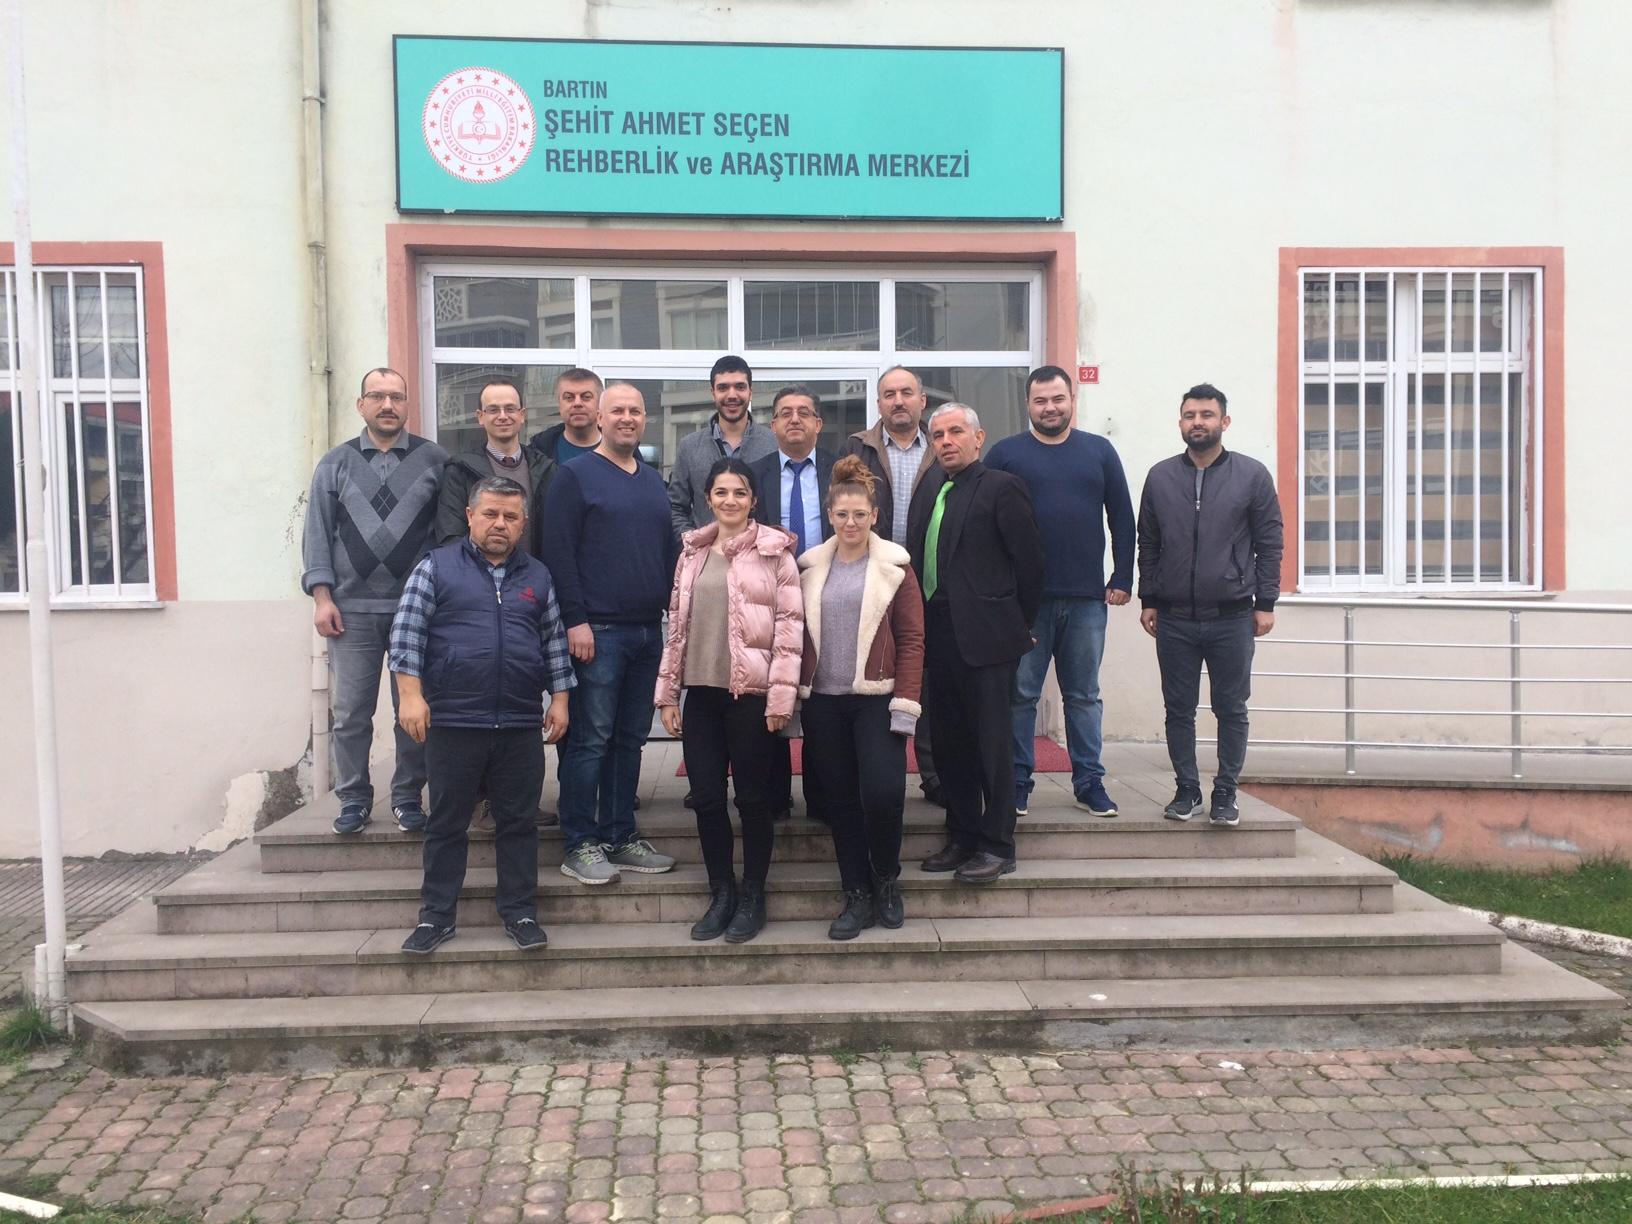 Şehit Ahmet Seçen Rehberlik ve Araştırma Merkezi Müdürlüğü'nde Sıfır Atık Projesi Konulu Toplantı Yapıldı